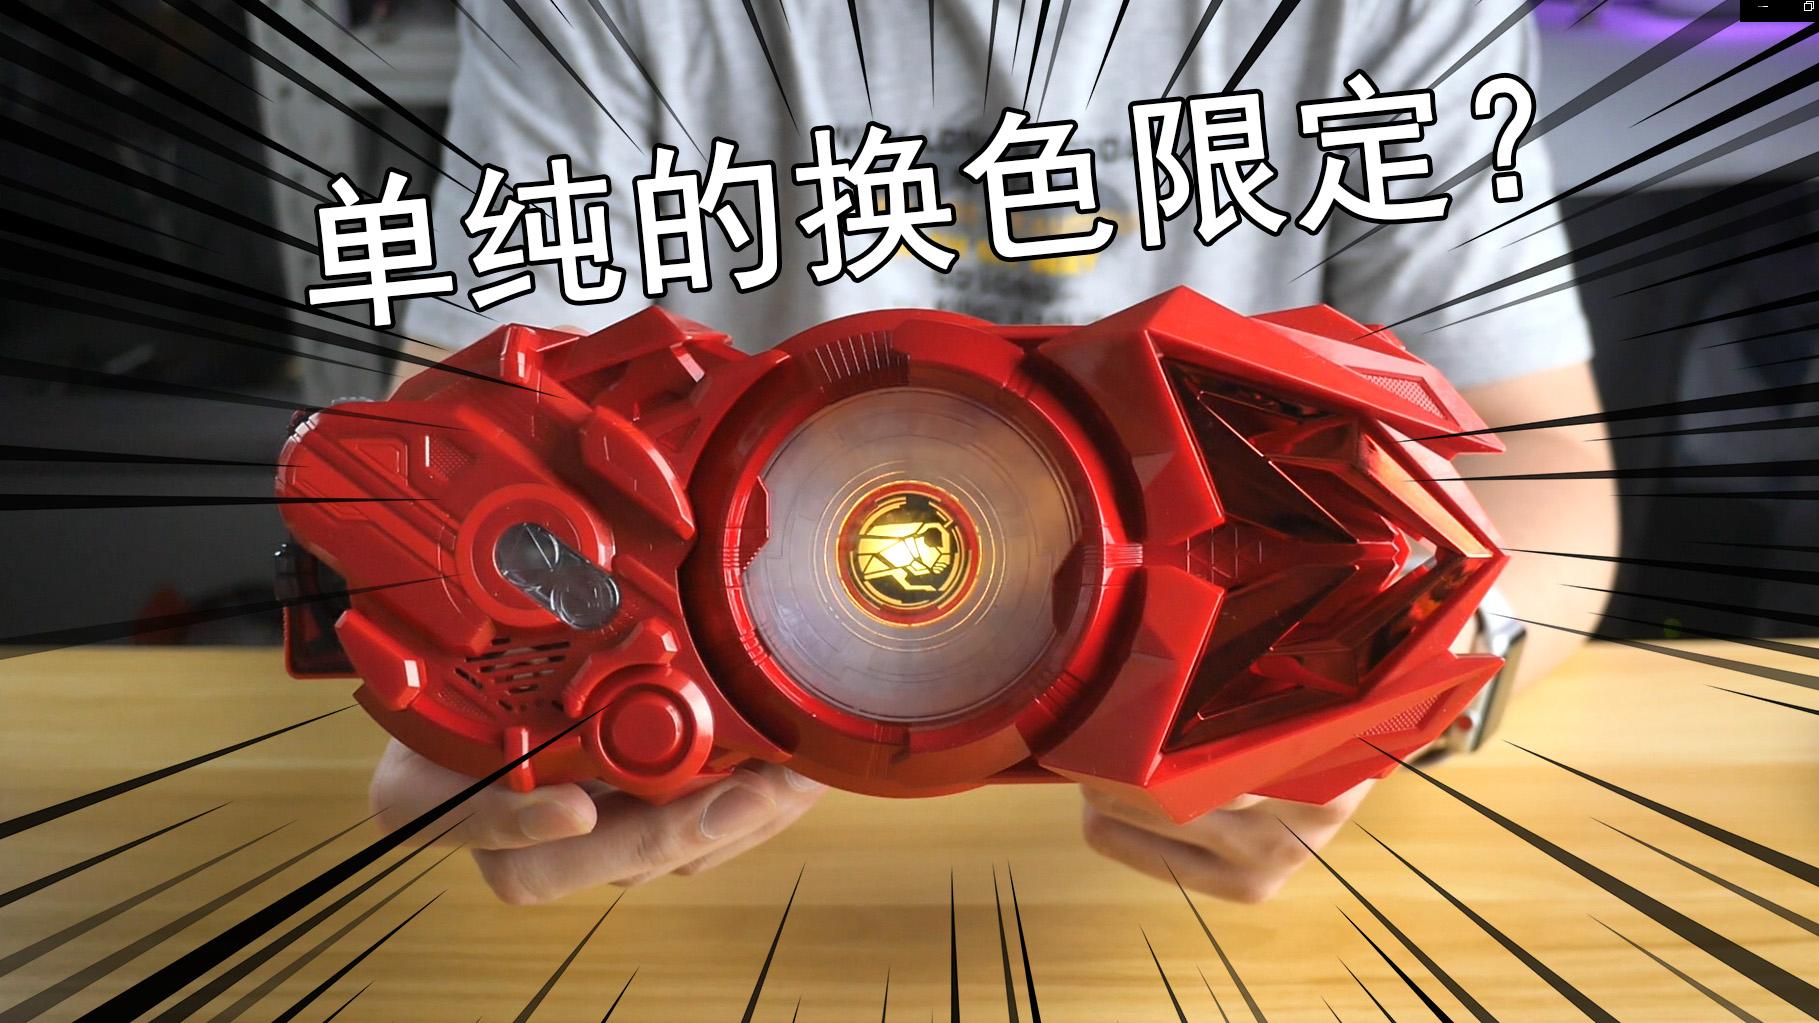 【零度模玩】这就是假面骑士燃烧蝗虫吗?亚太限定 红色零一驱动器DX评测!